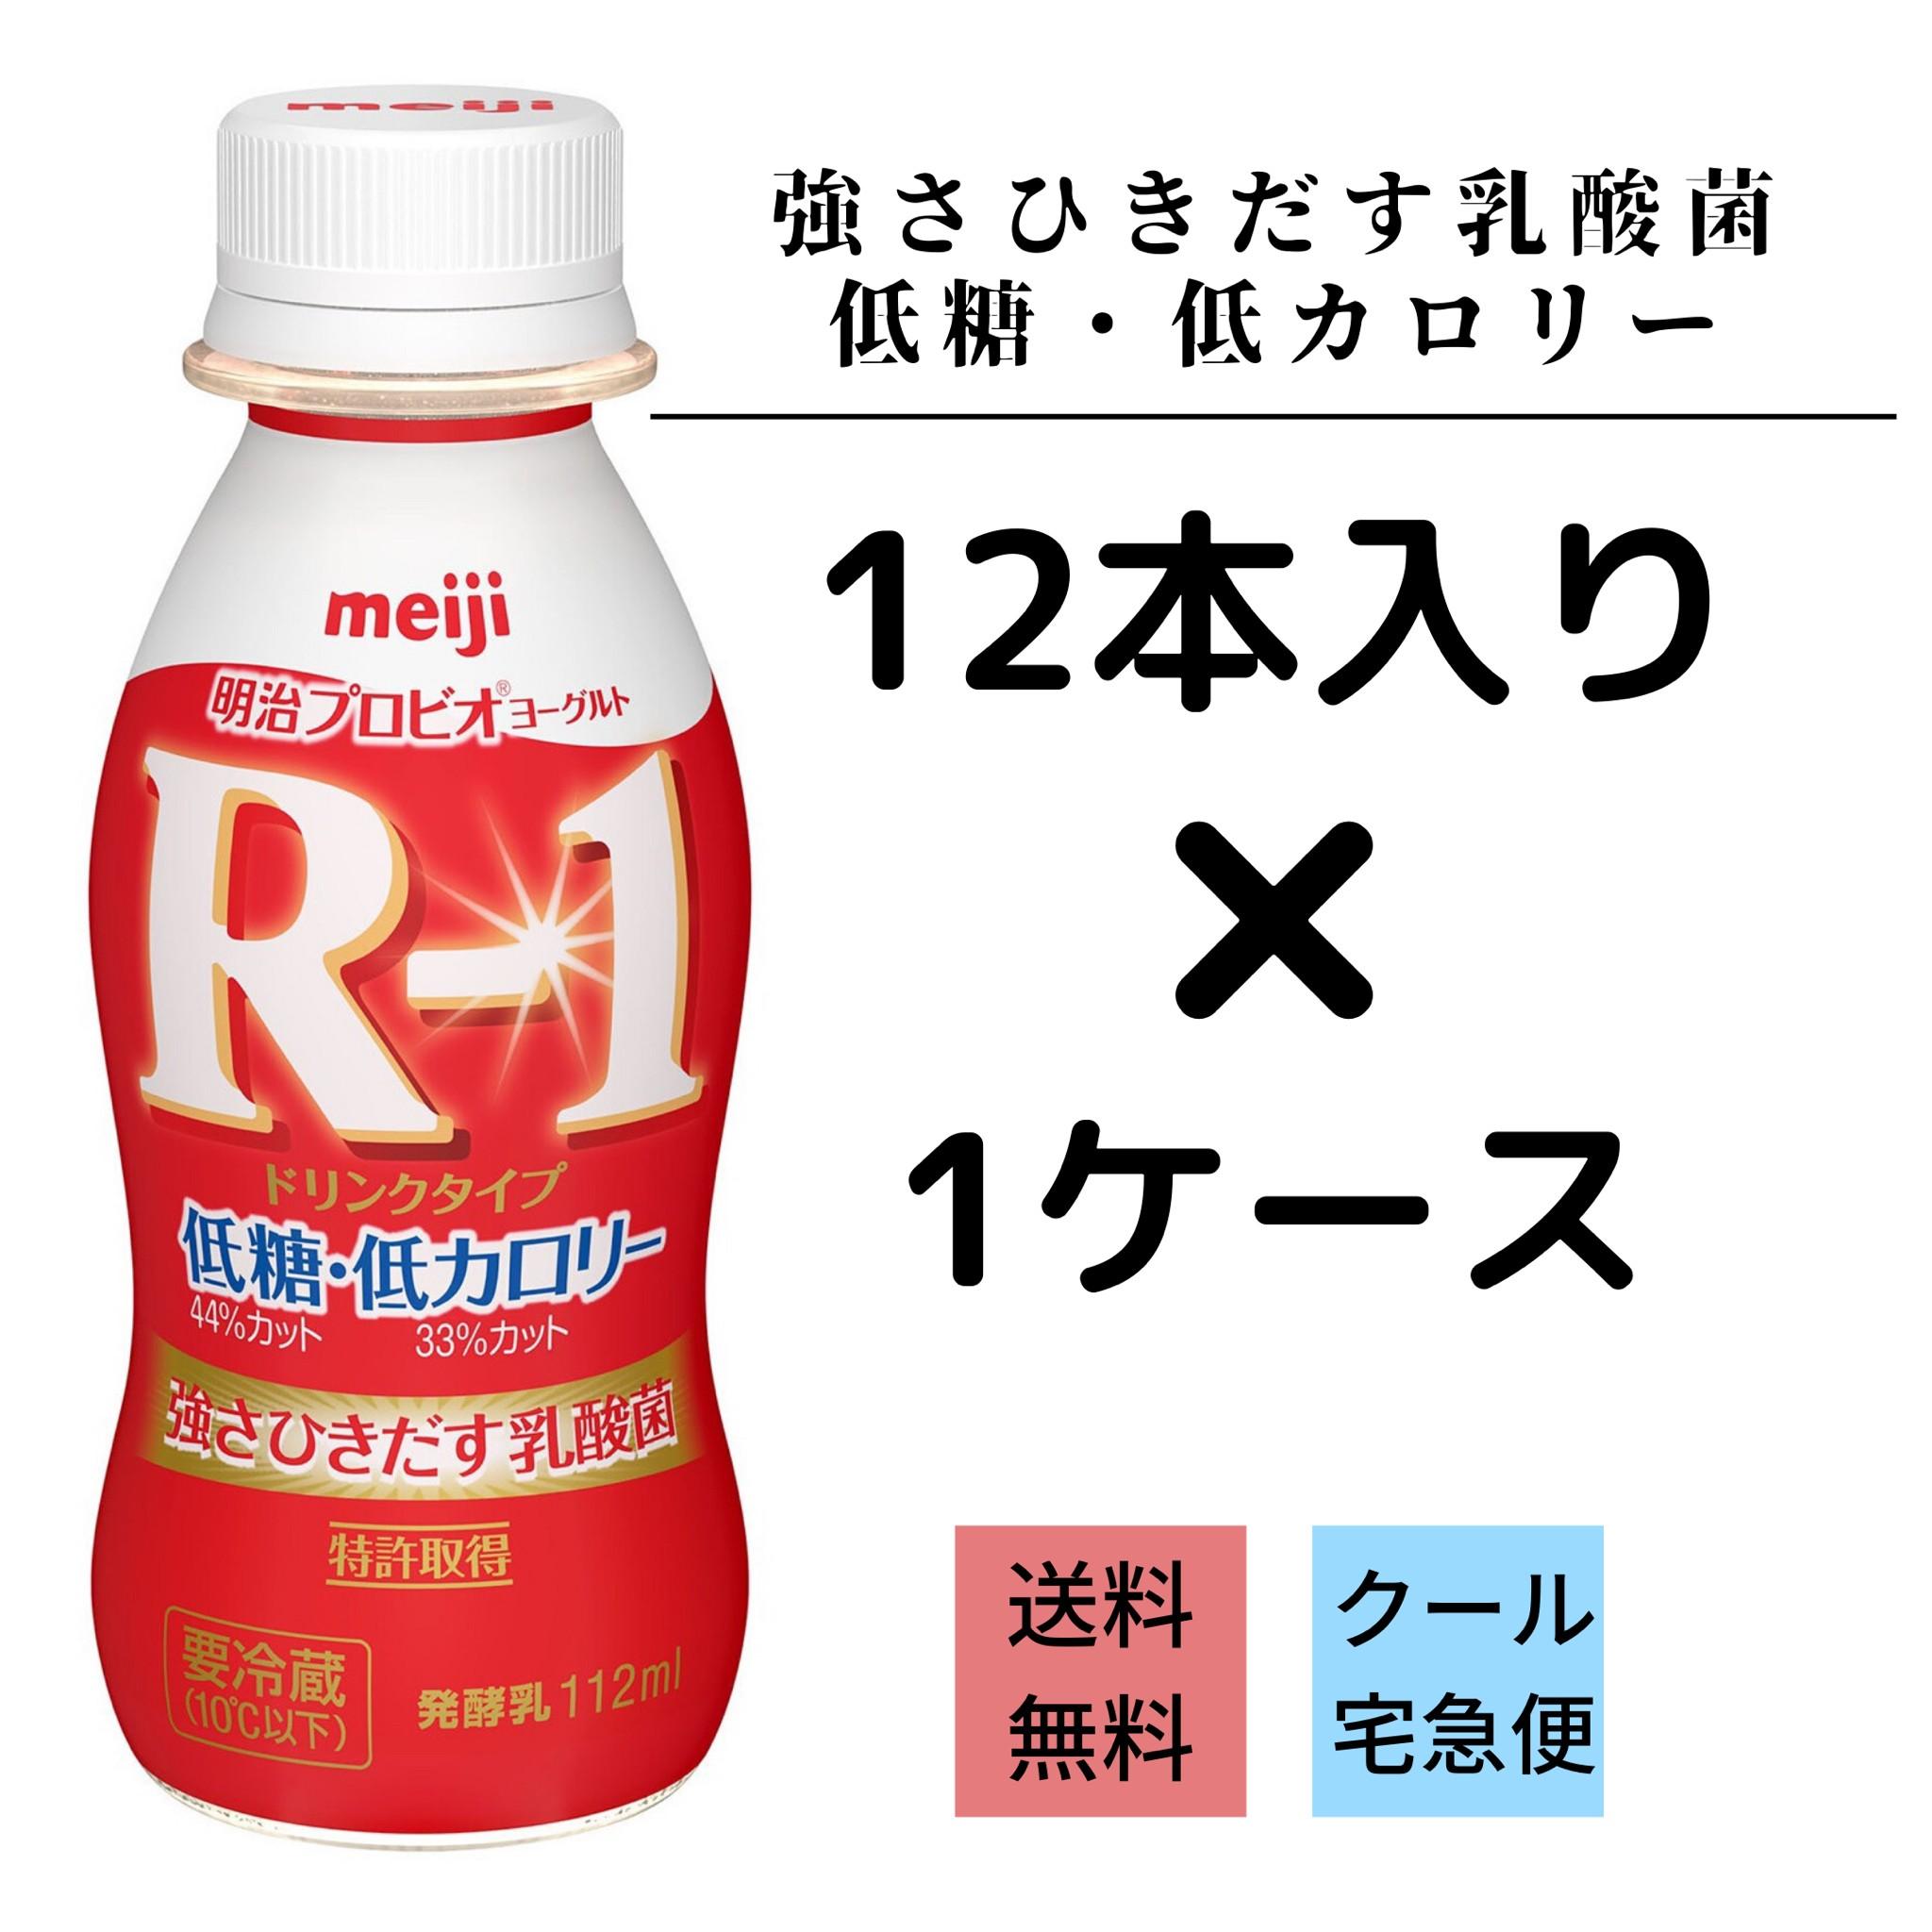 R1 ヨーグルト